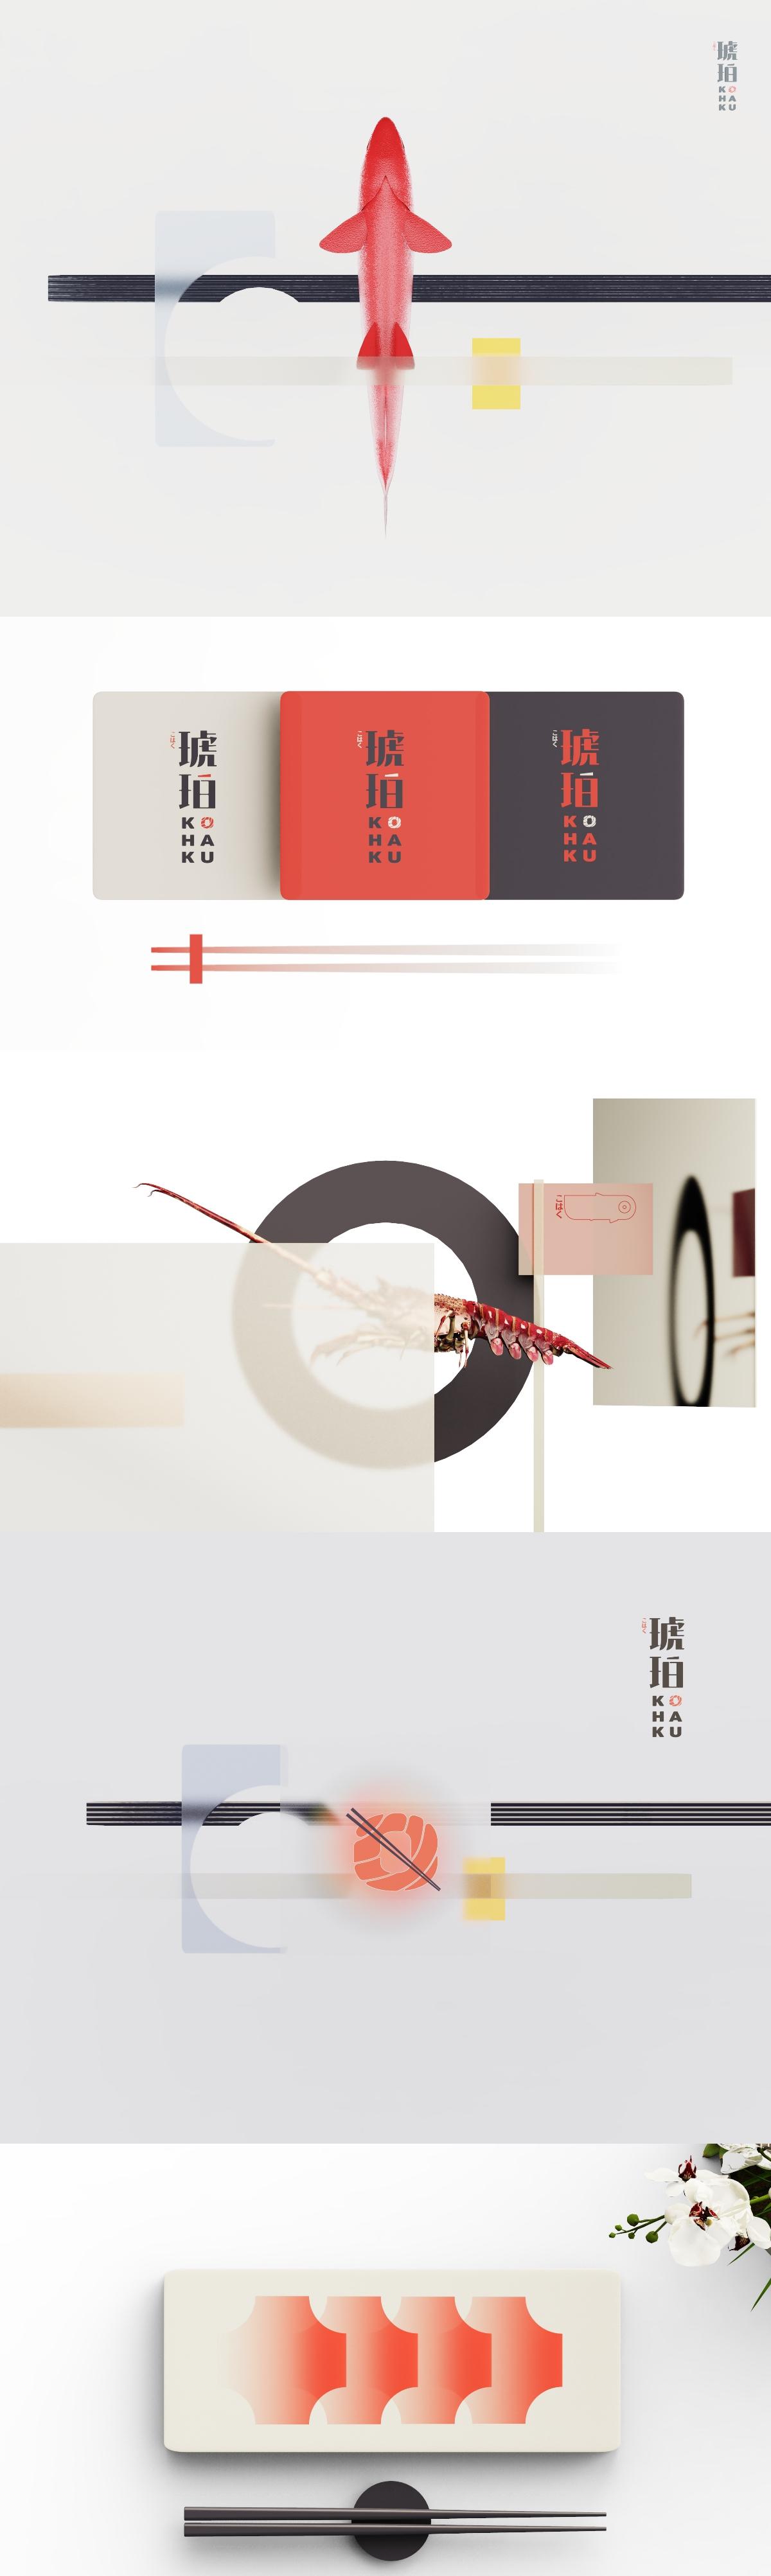 日料视觉系统VI与logo | 啄卓设计